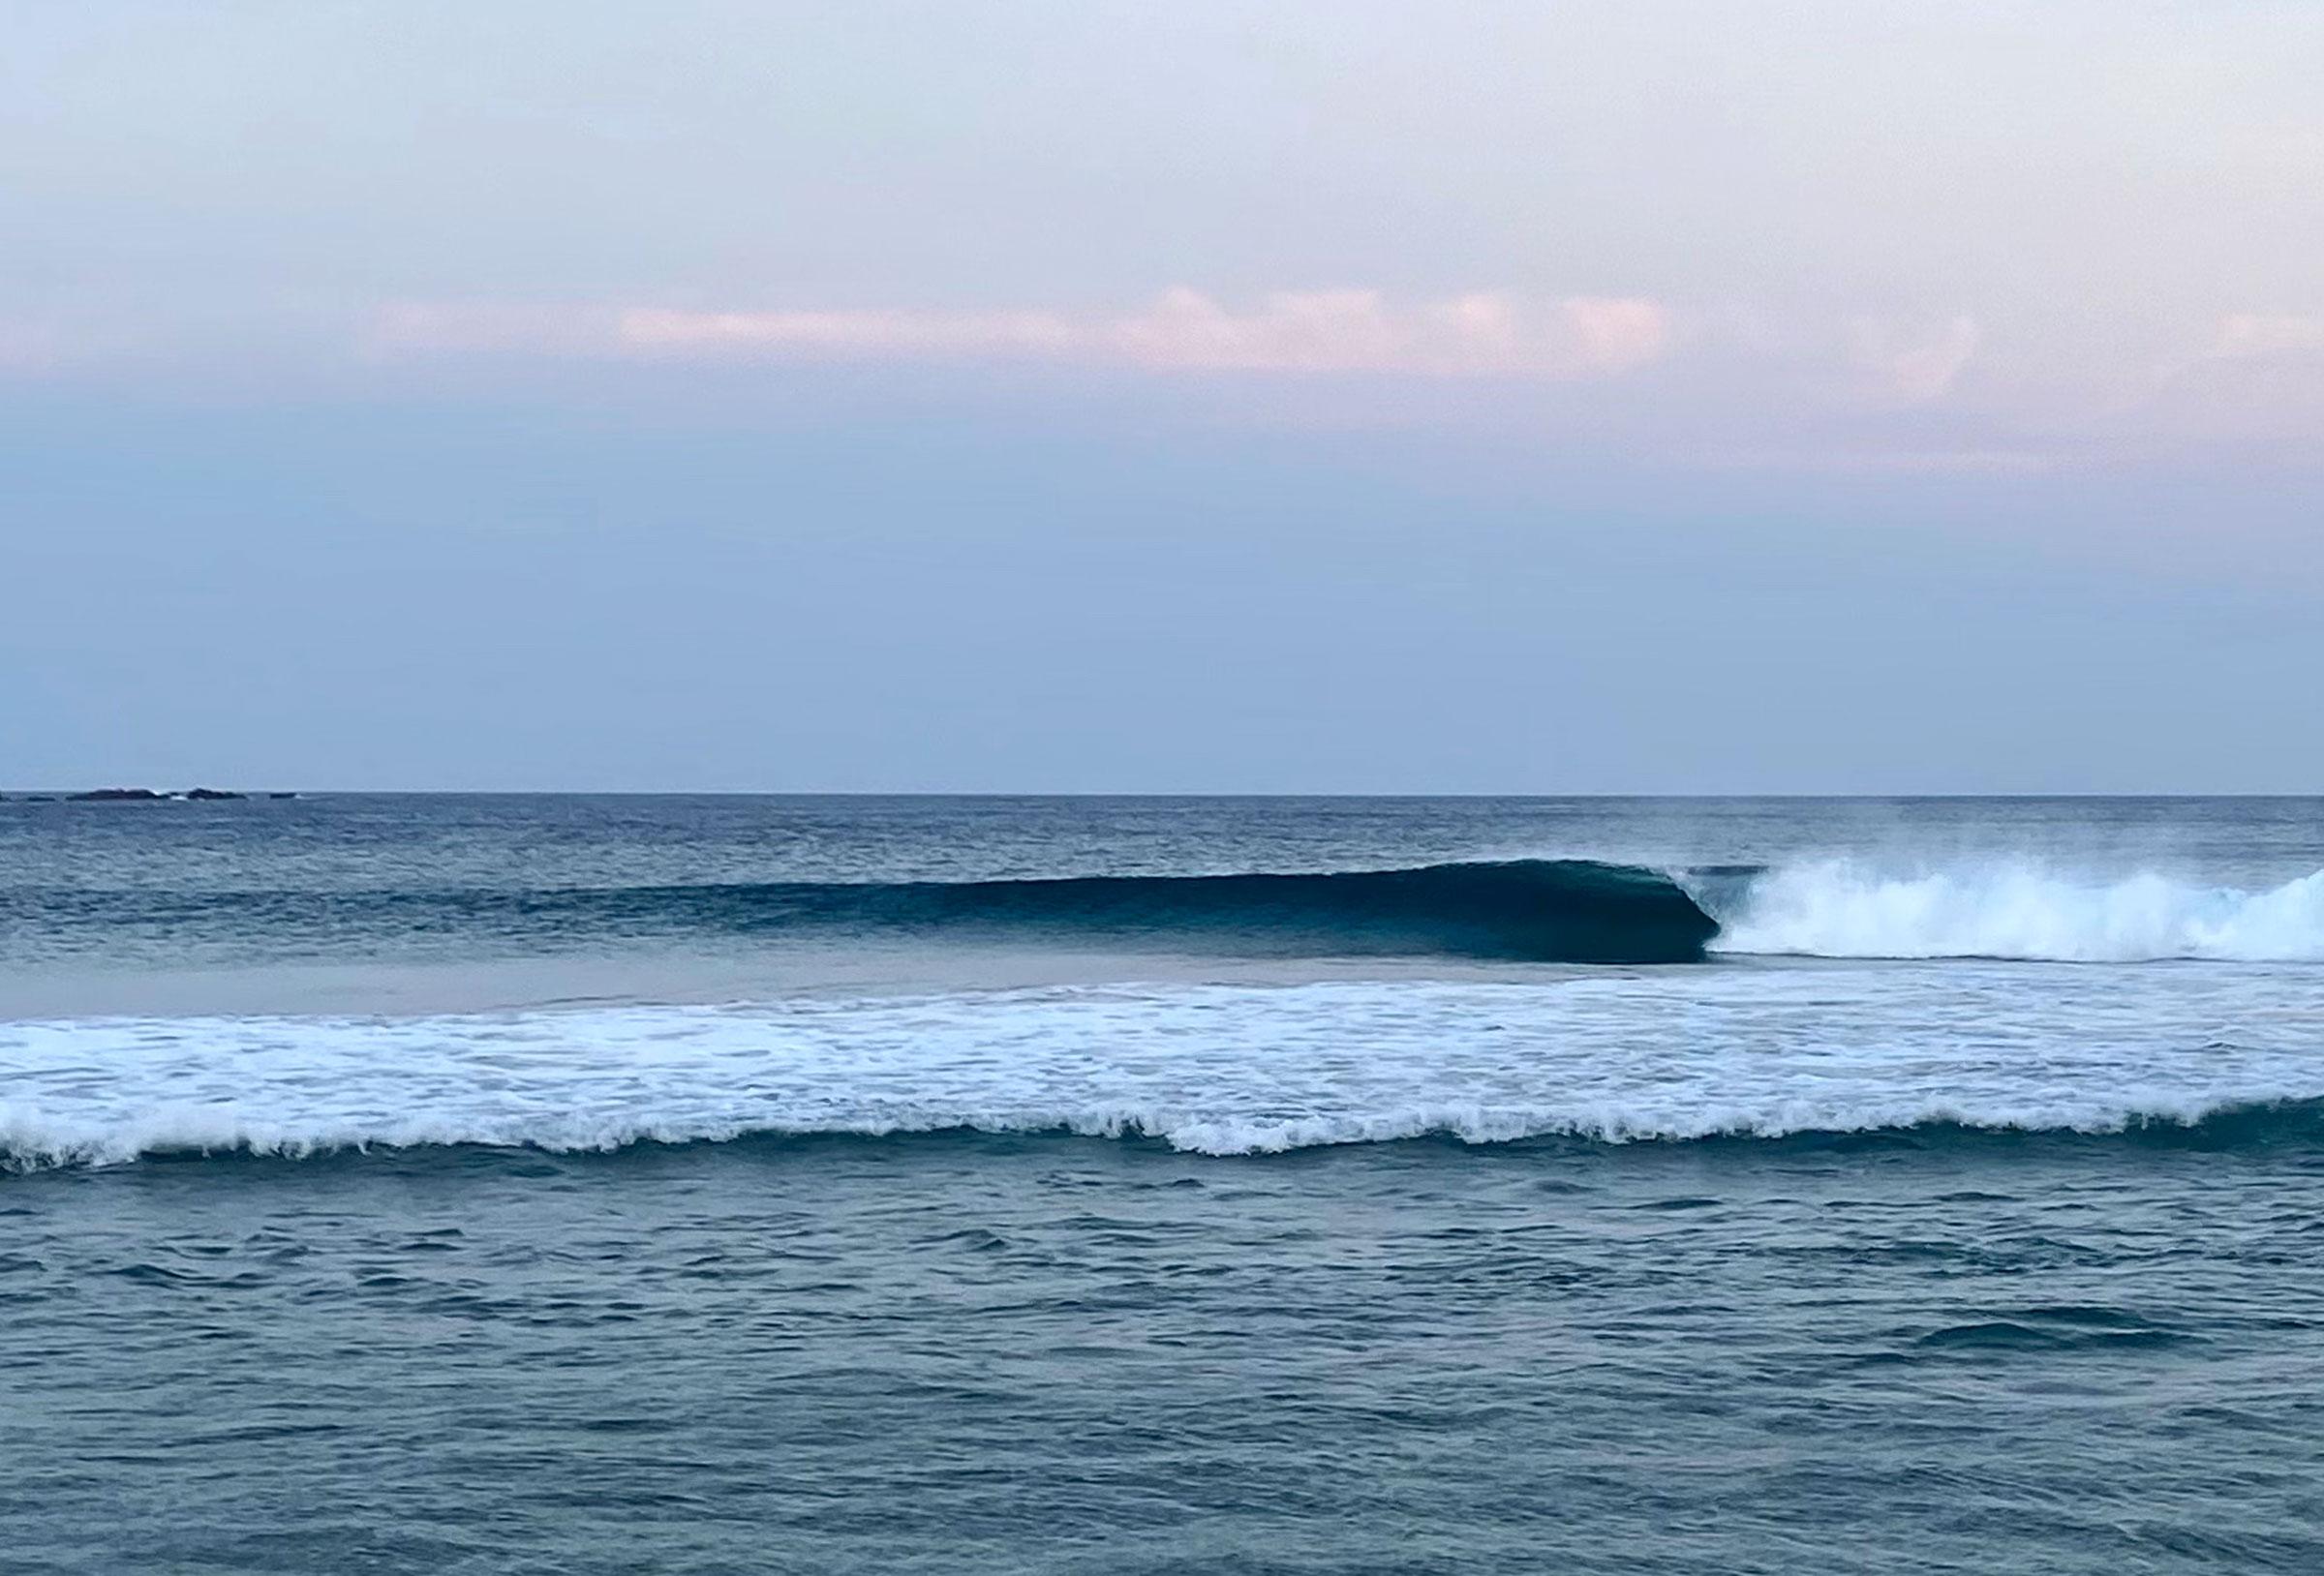 Las Palmeras Surf Resort, Salina Cruz, Oaxaca, Mexico, Dreamland